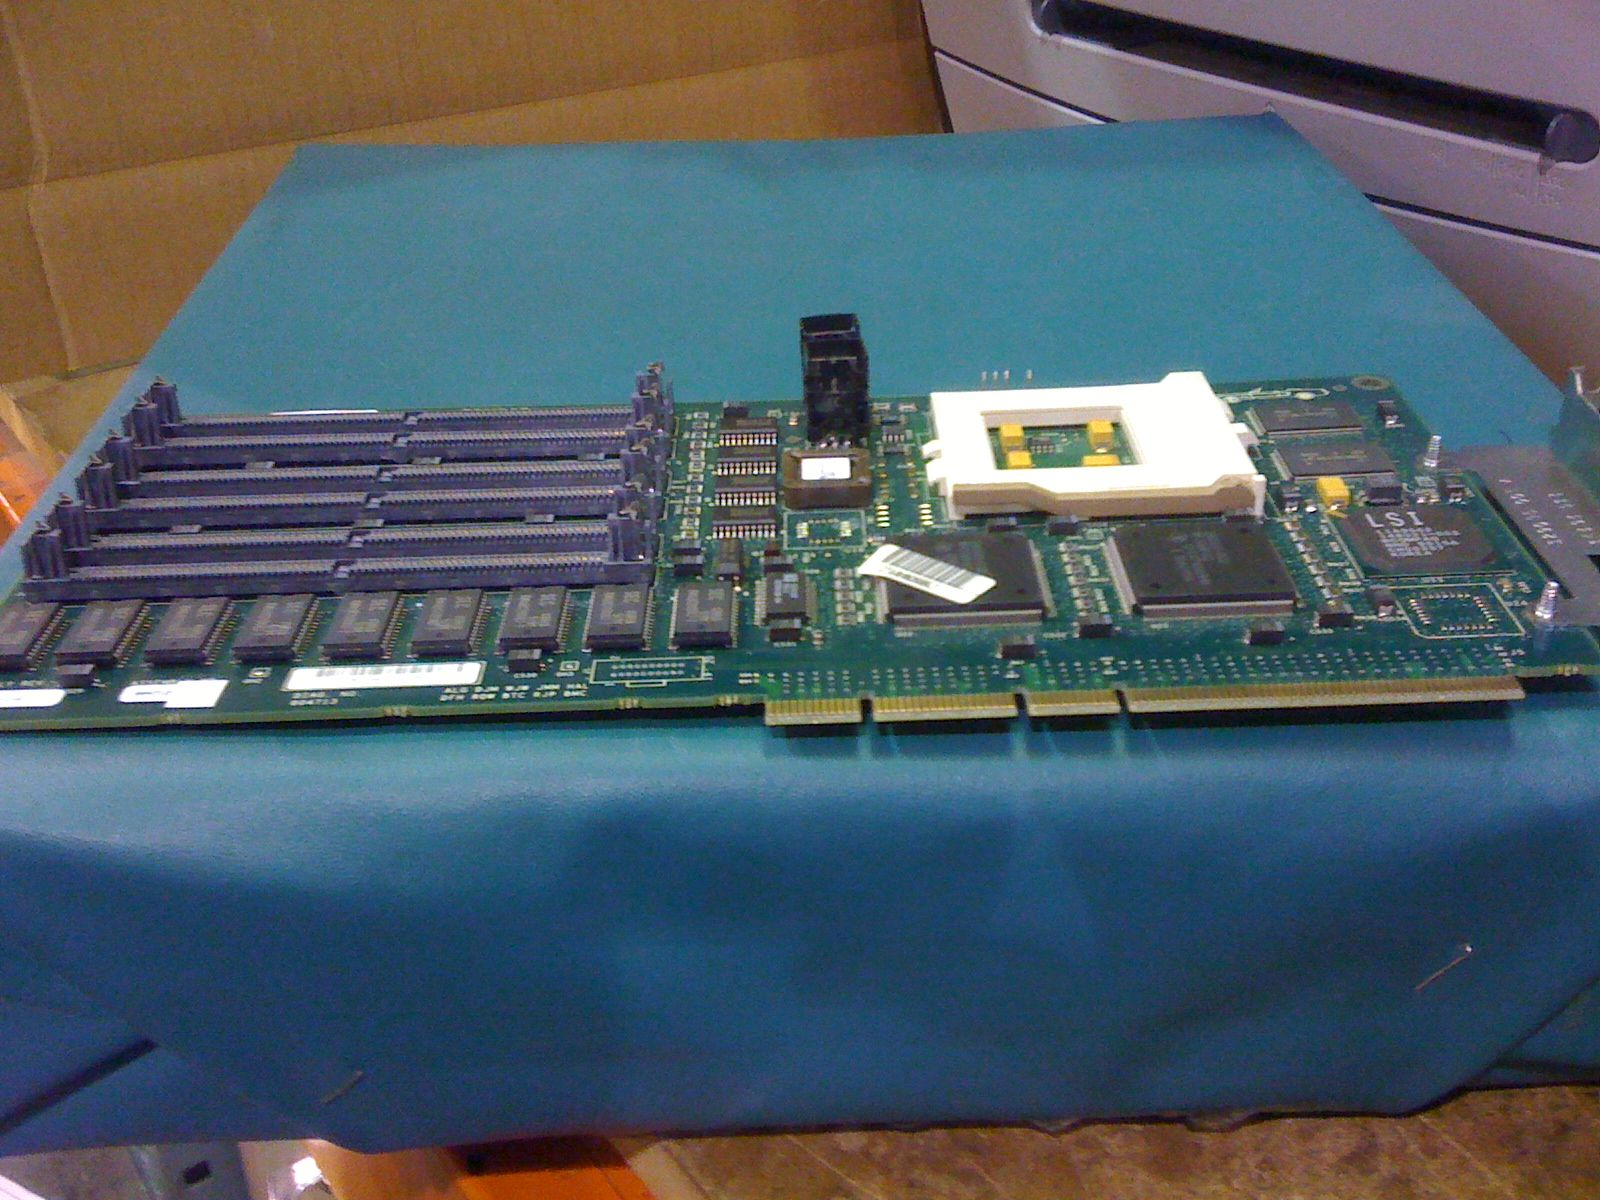 004712101 - COMPAQ - N/A - COMPAQ CPU BOARD